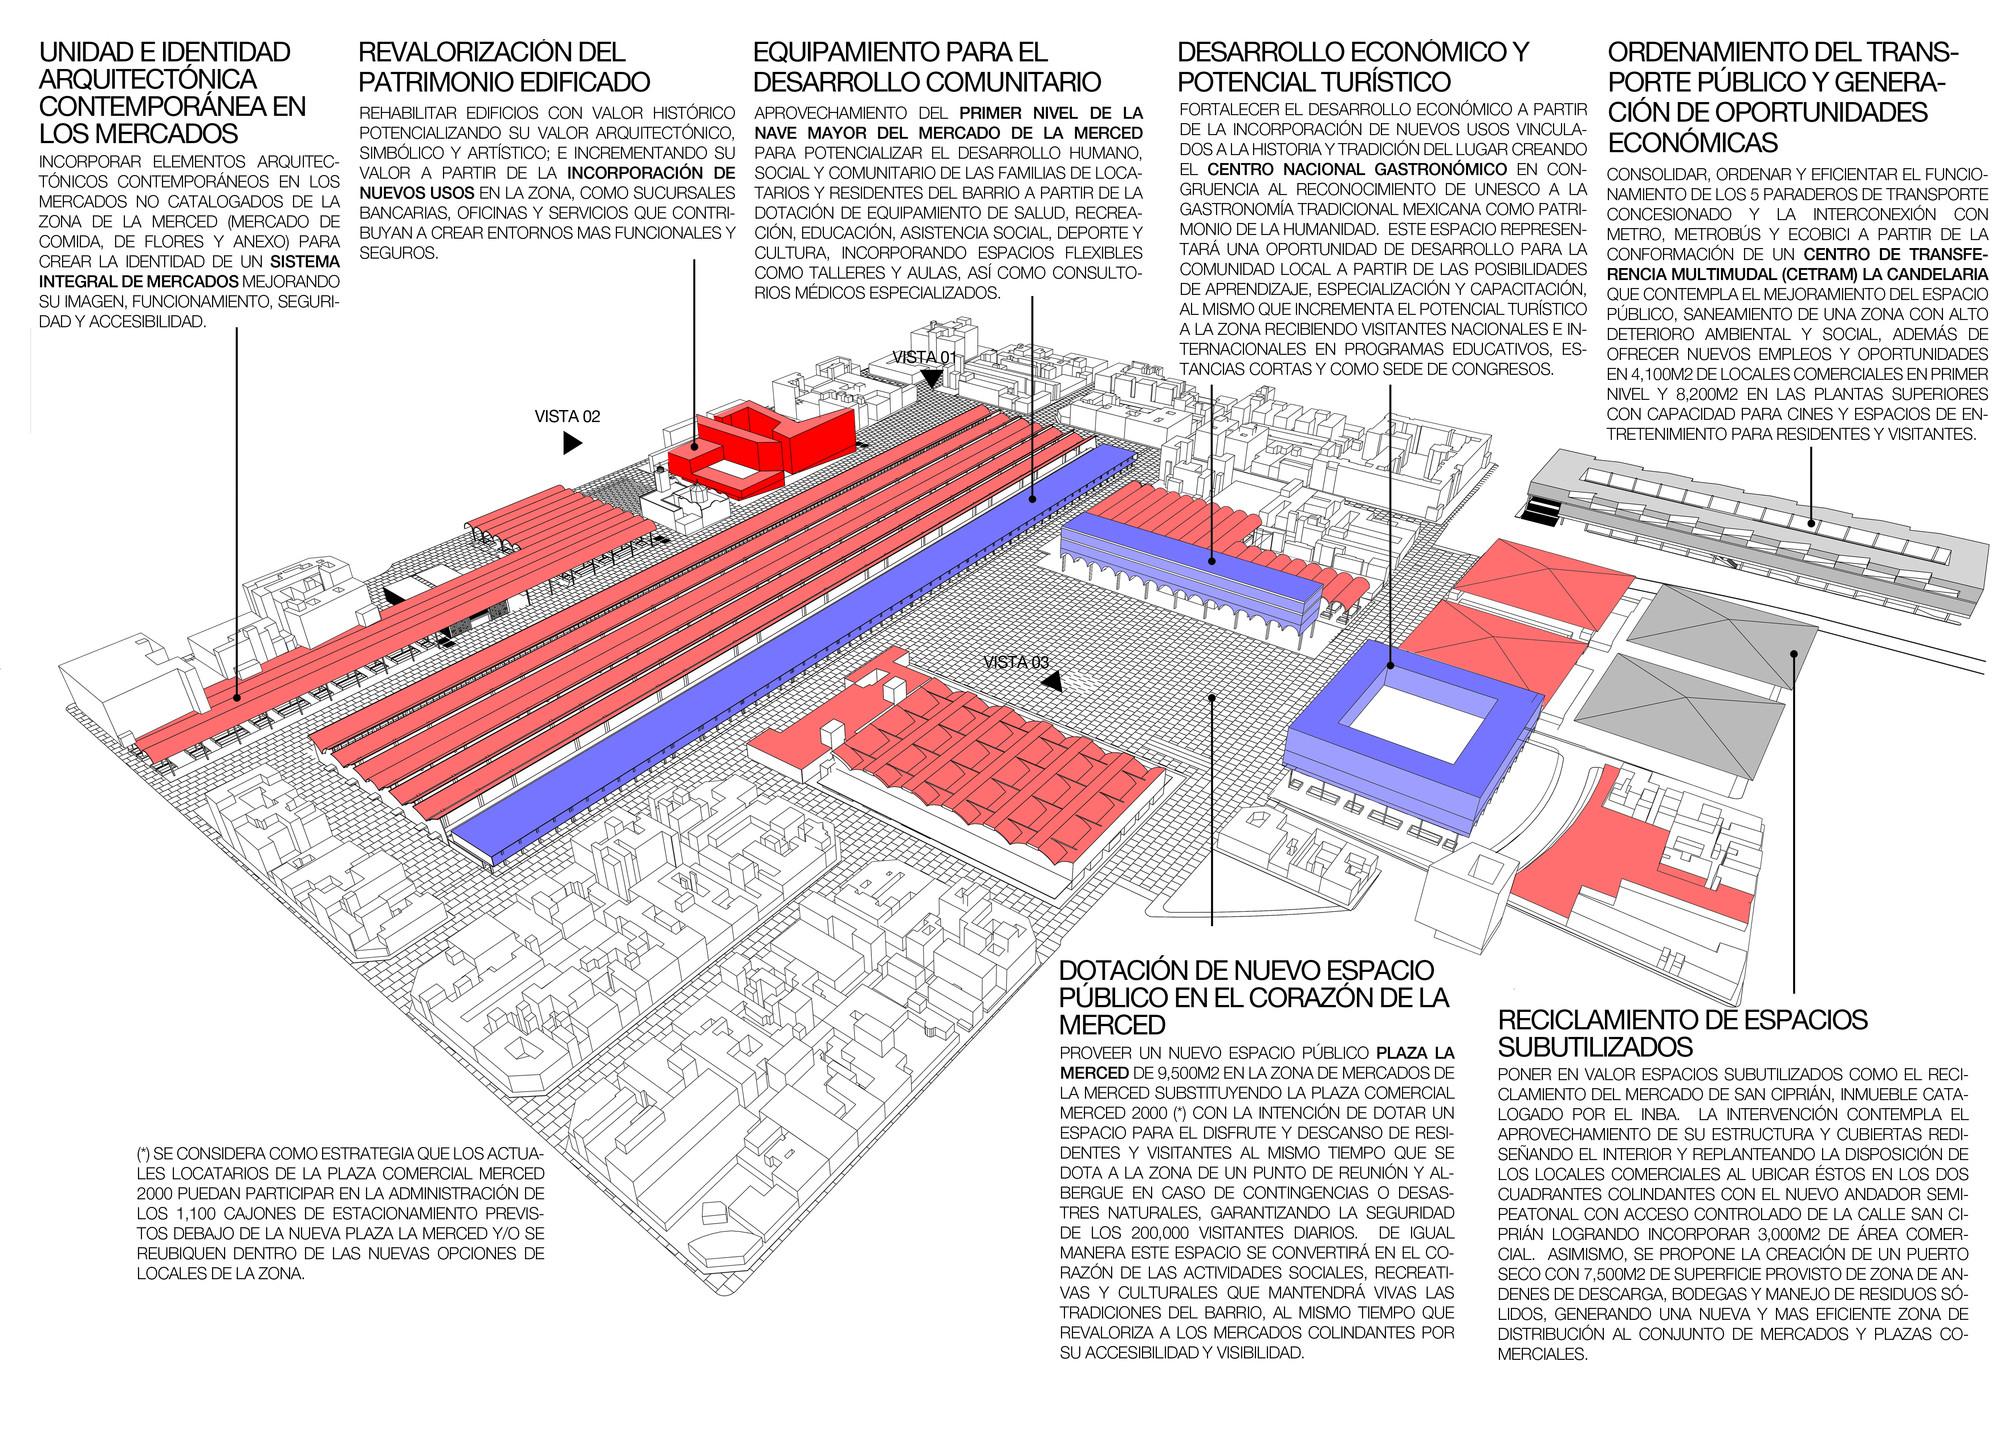 Estrategias generales para la zona de mercados. Image Courtesy of José Muñoz Villers y Carlos Marín